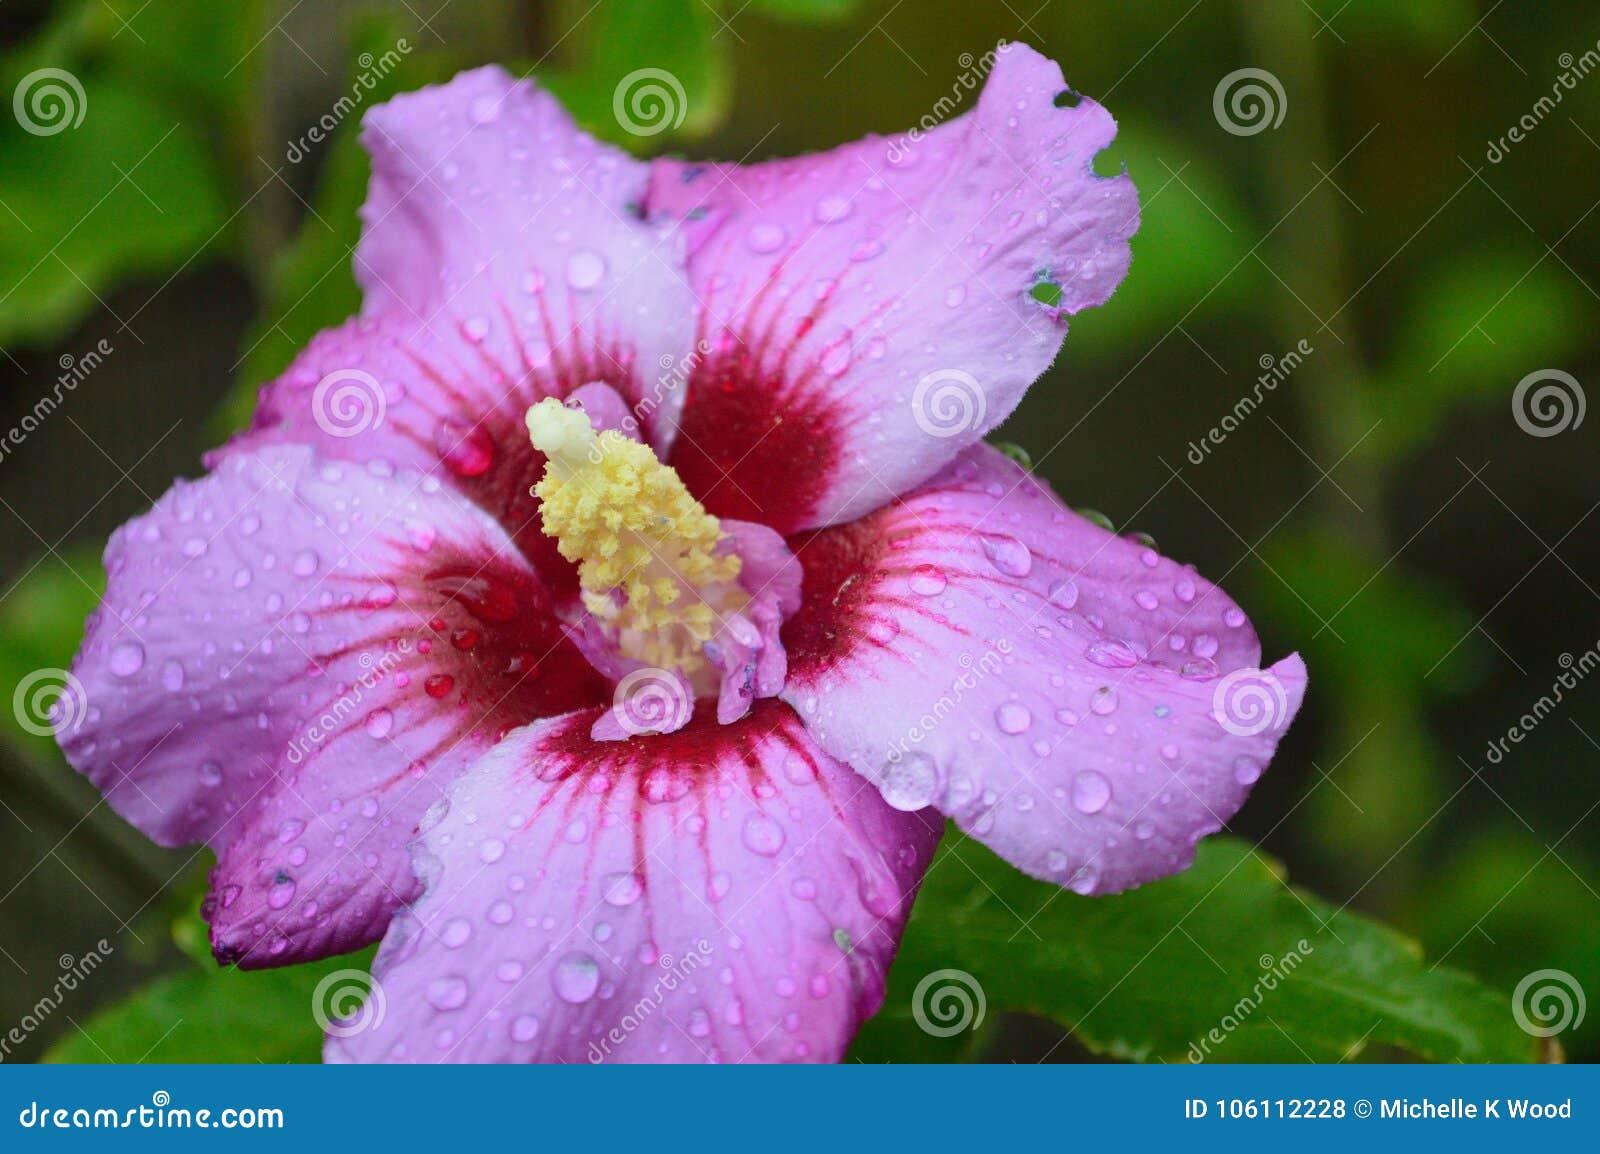 Rose of Sharon Hibiscus syriacus closeup